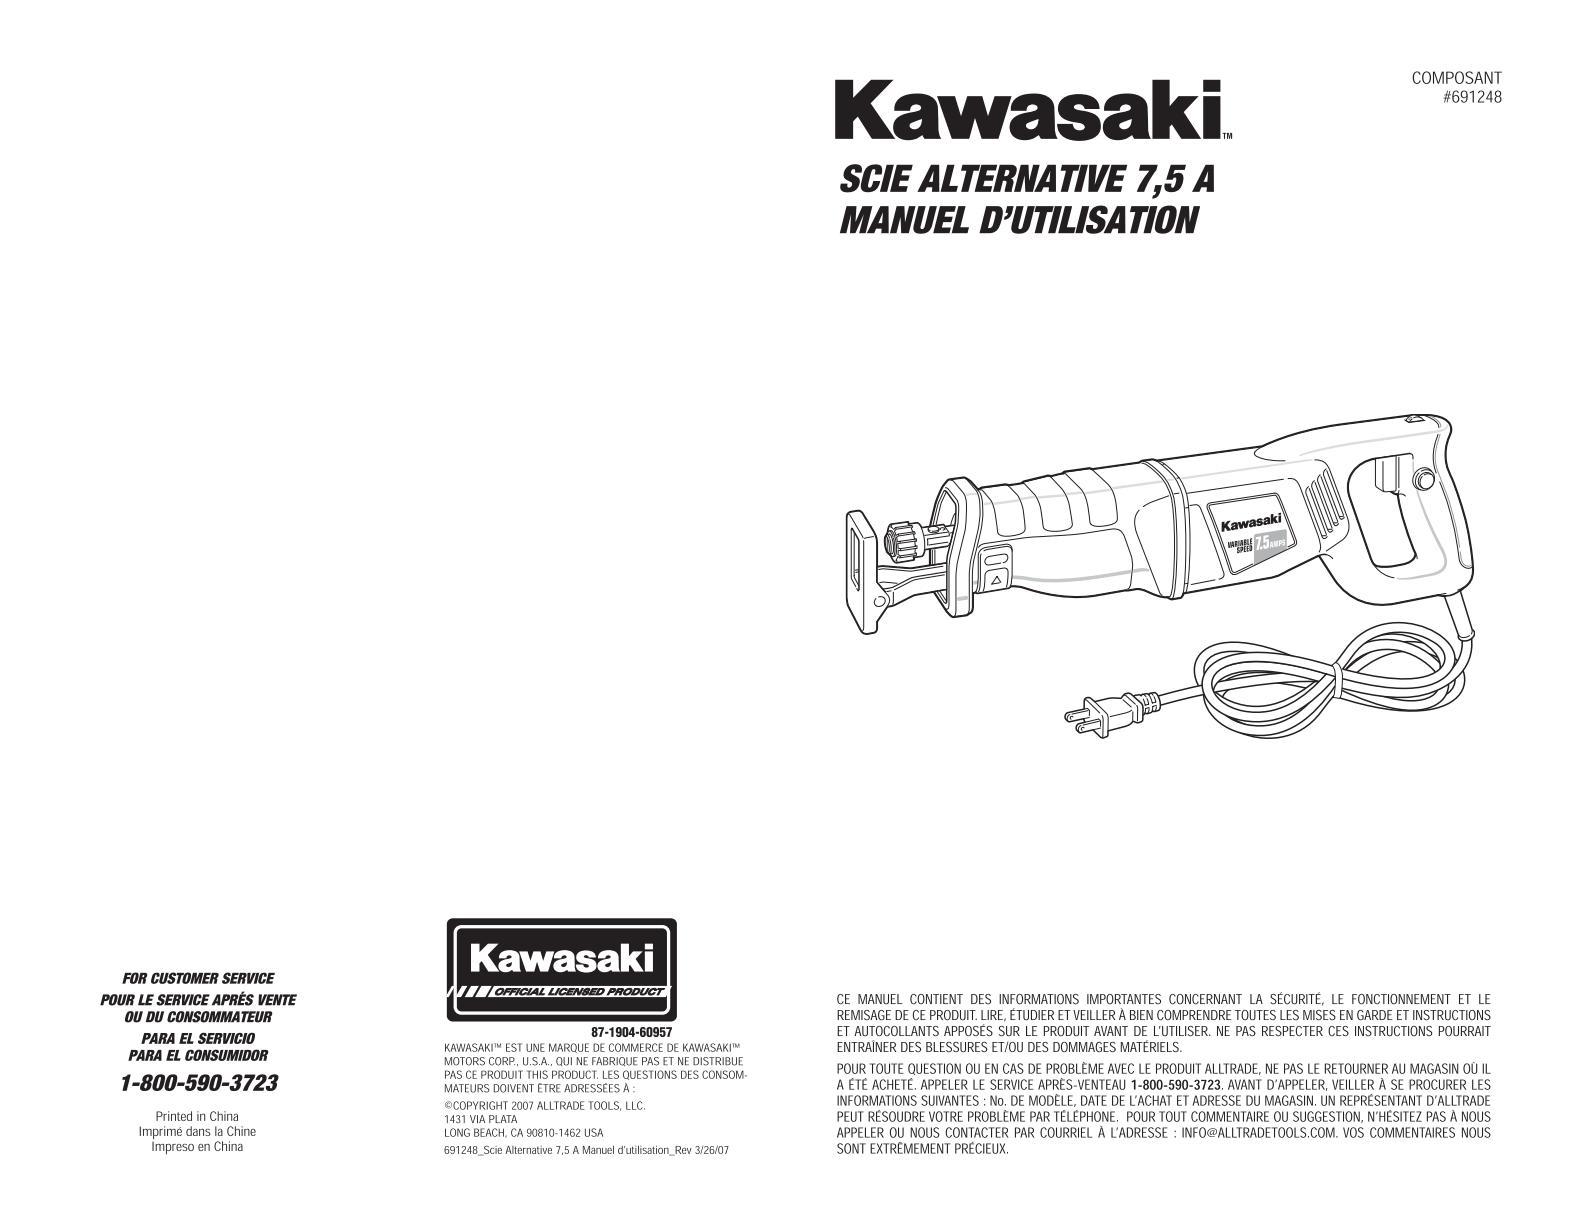 Kawasaki scie alternative 7.5A Uw1180